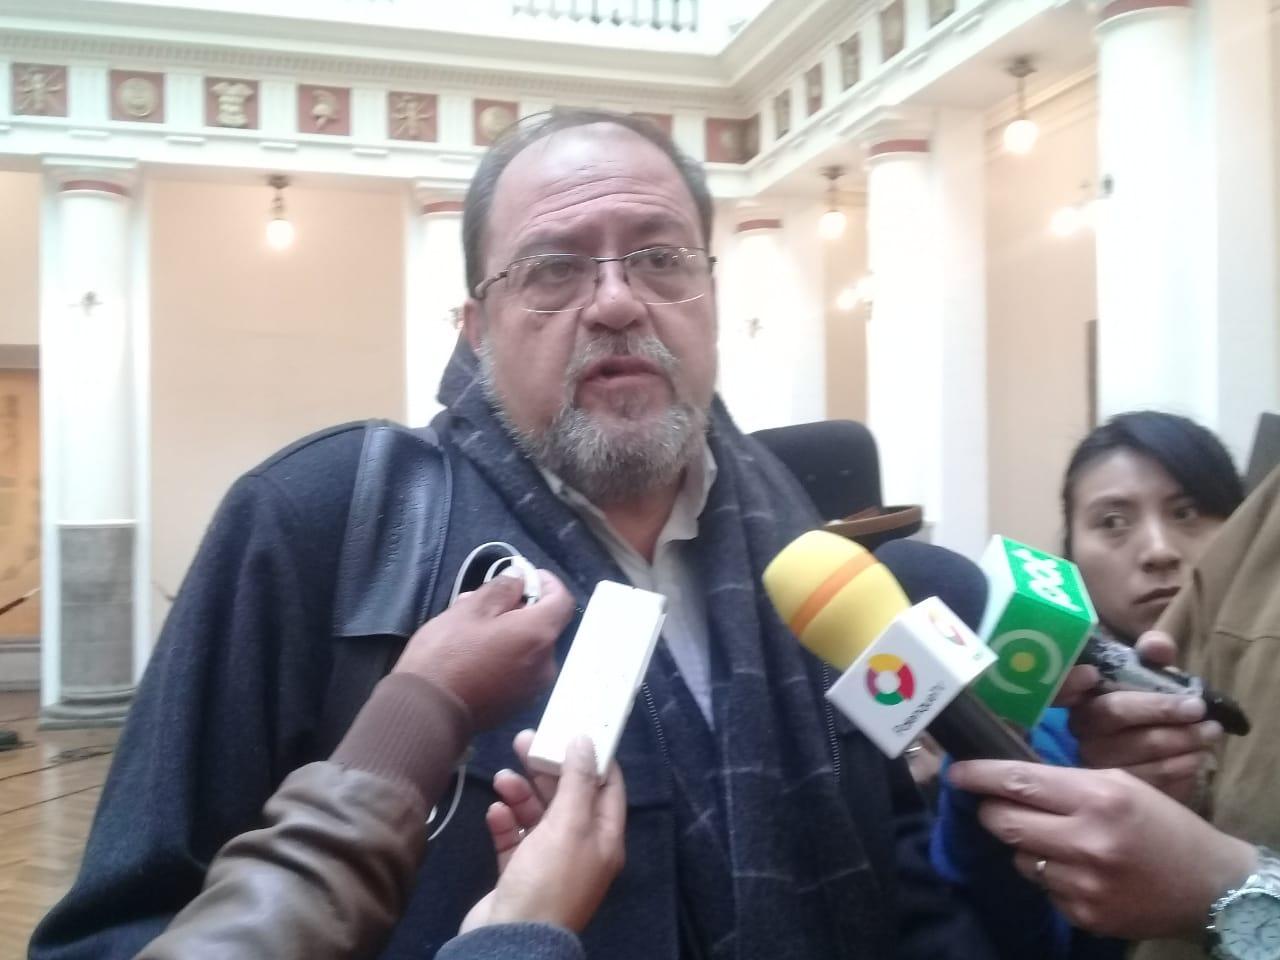 Ministerio de Educación amplía las vacaciones invernales en La Paz, Oruro y Potosí